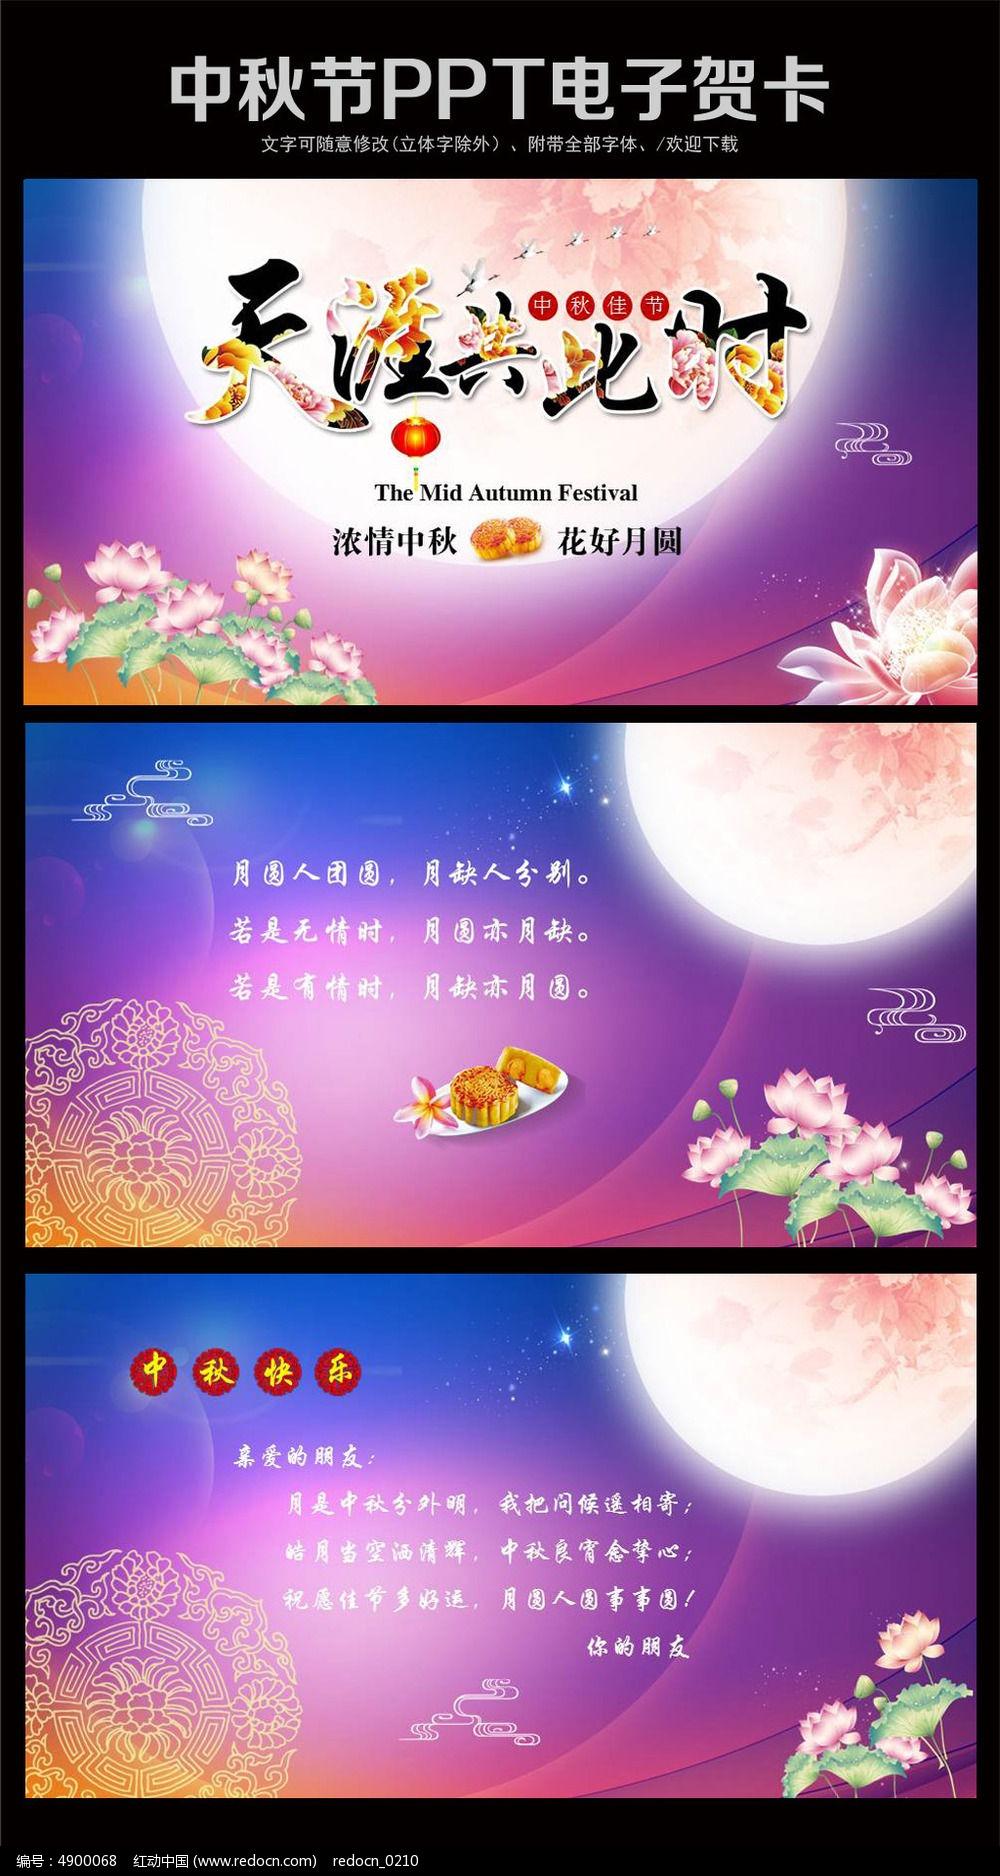 中秋节ppt电子贺卡模板图片